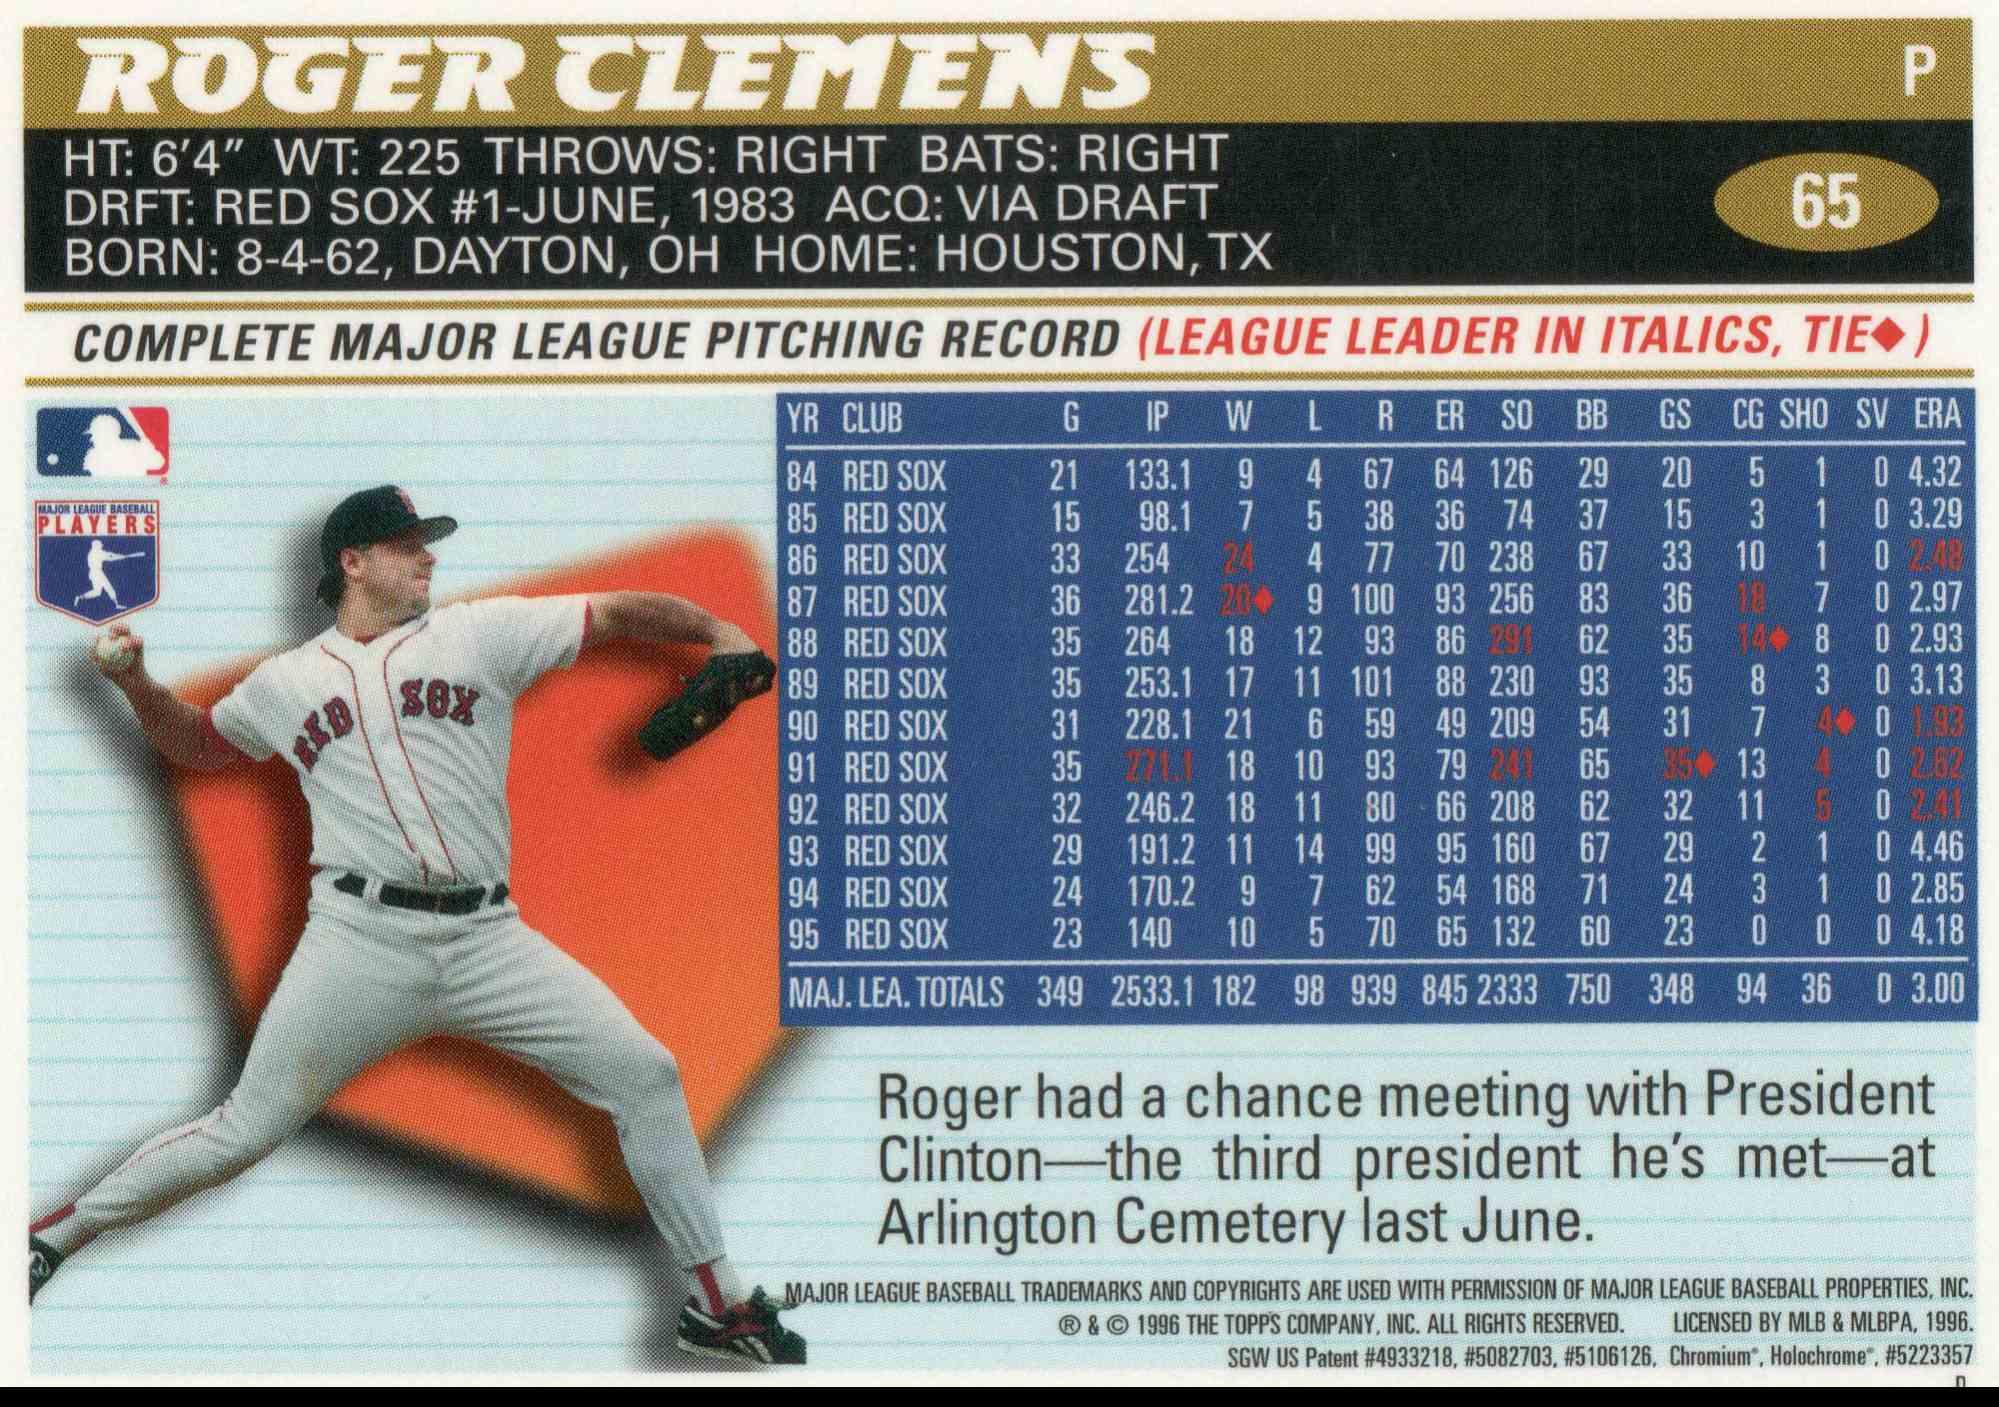 1996 Topps Chrome Roger Clemens #65 card back image